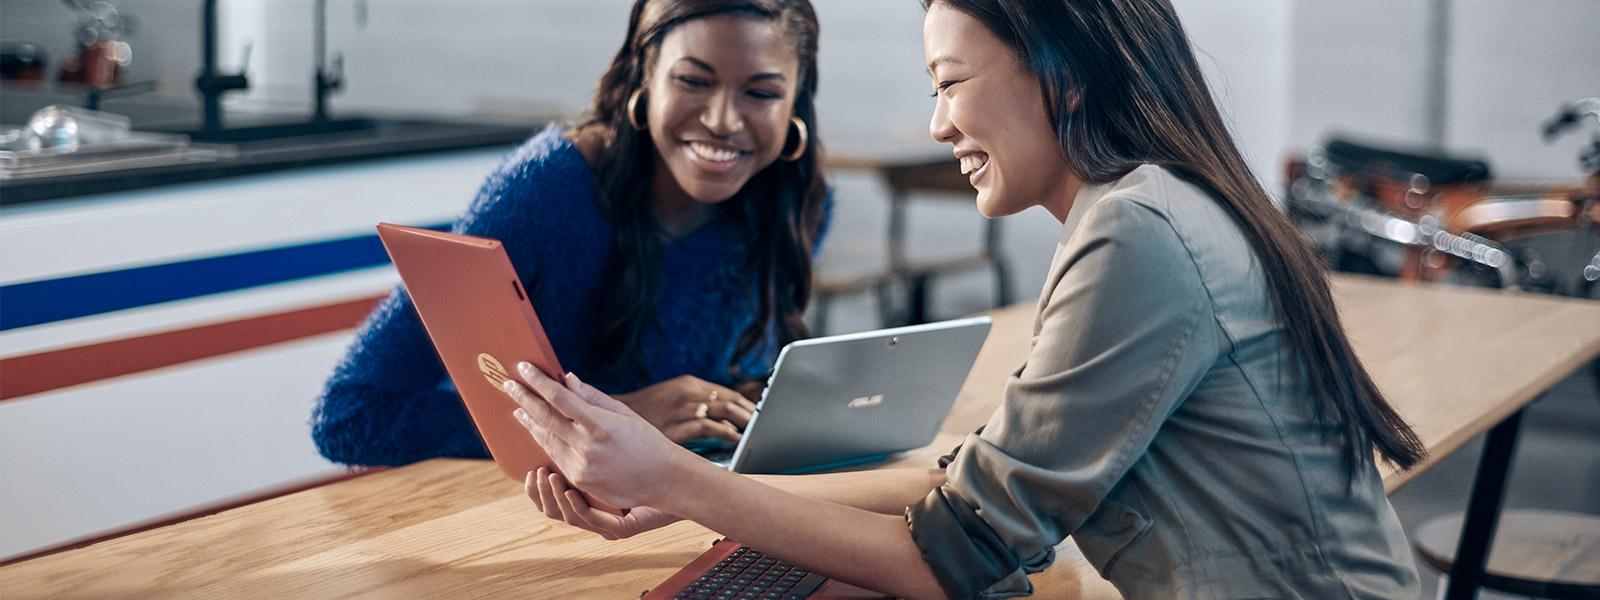 Două femei la o masă, privind ecranul unei tablete care este ținută în fața lor de o altă femeie.